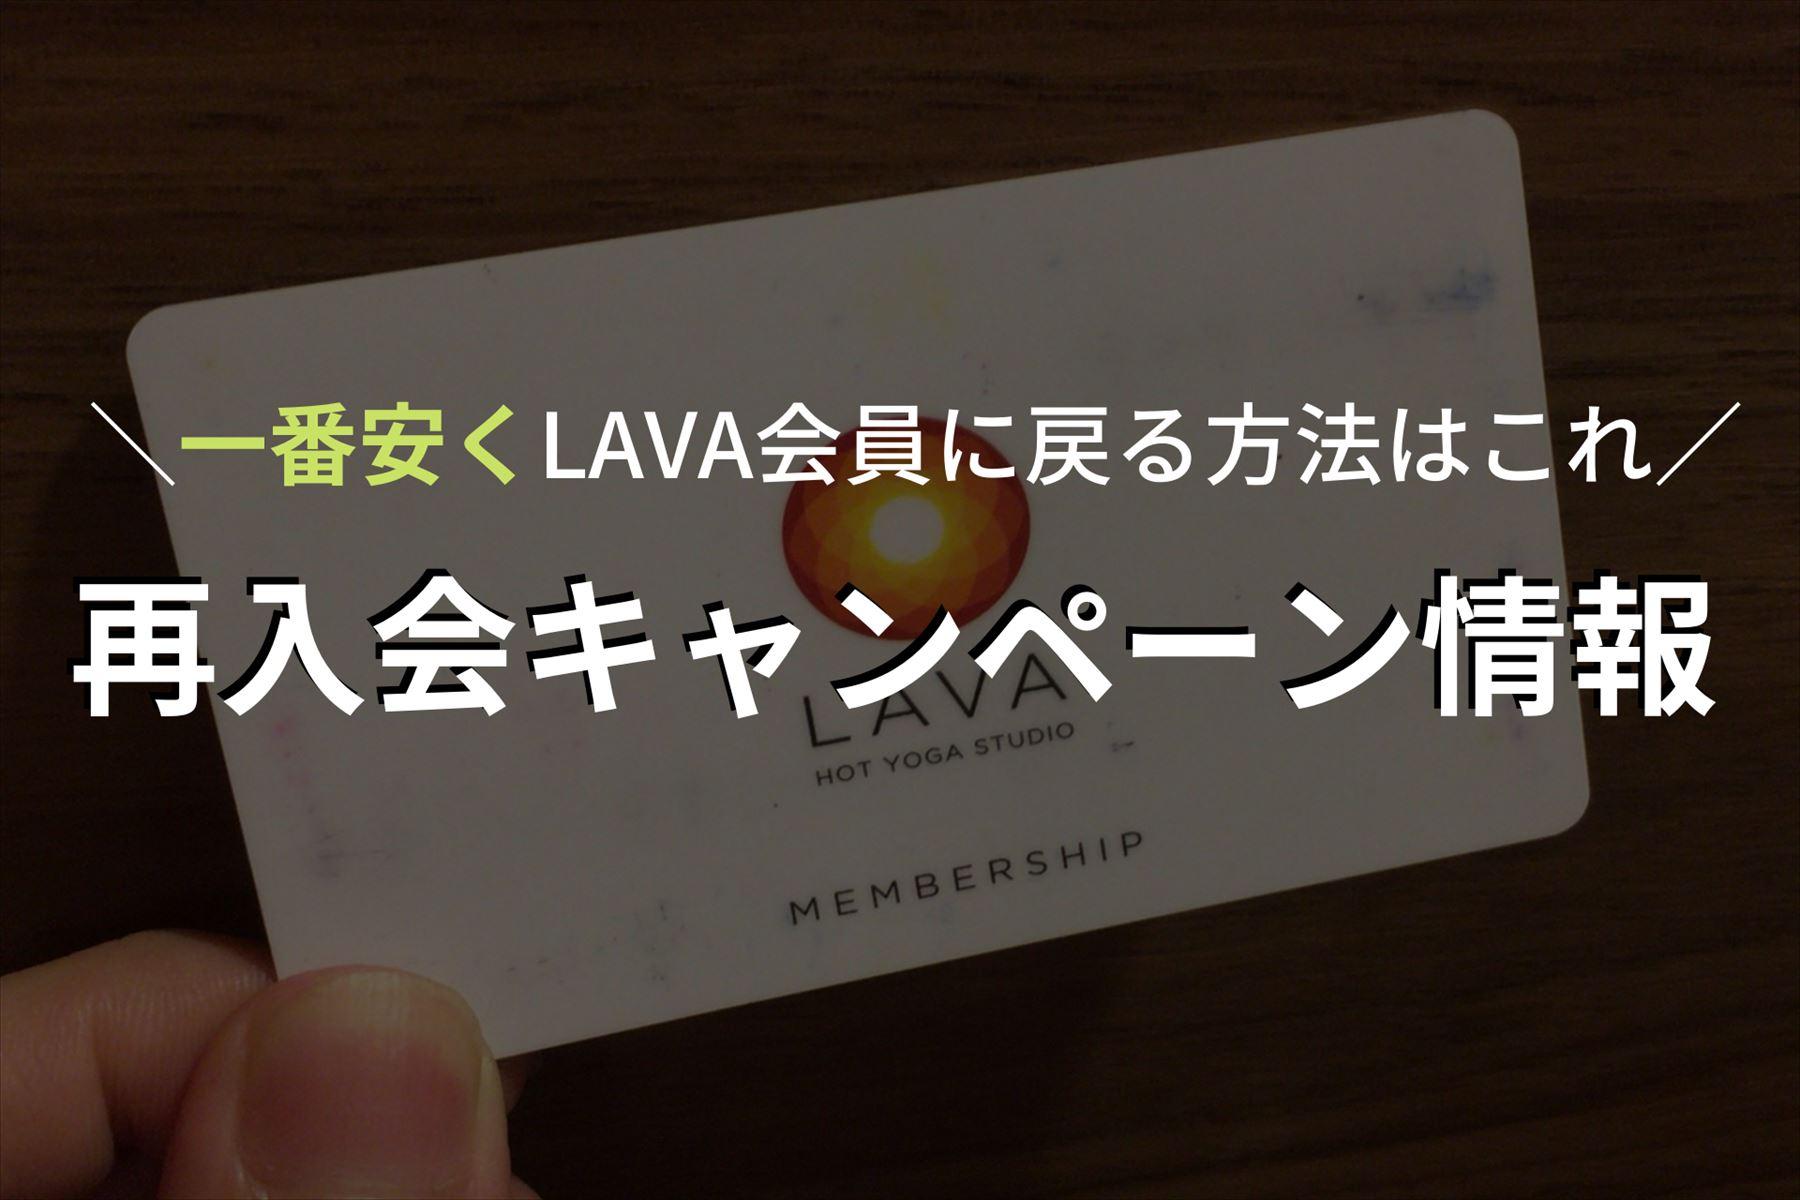 lava 再入会 キャンペーン